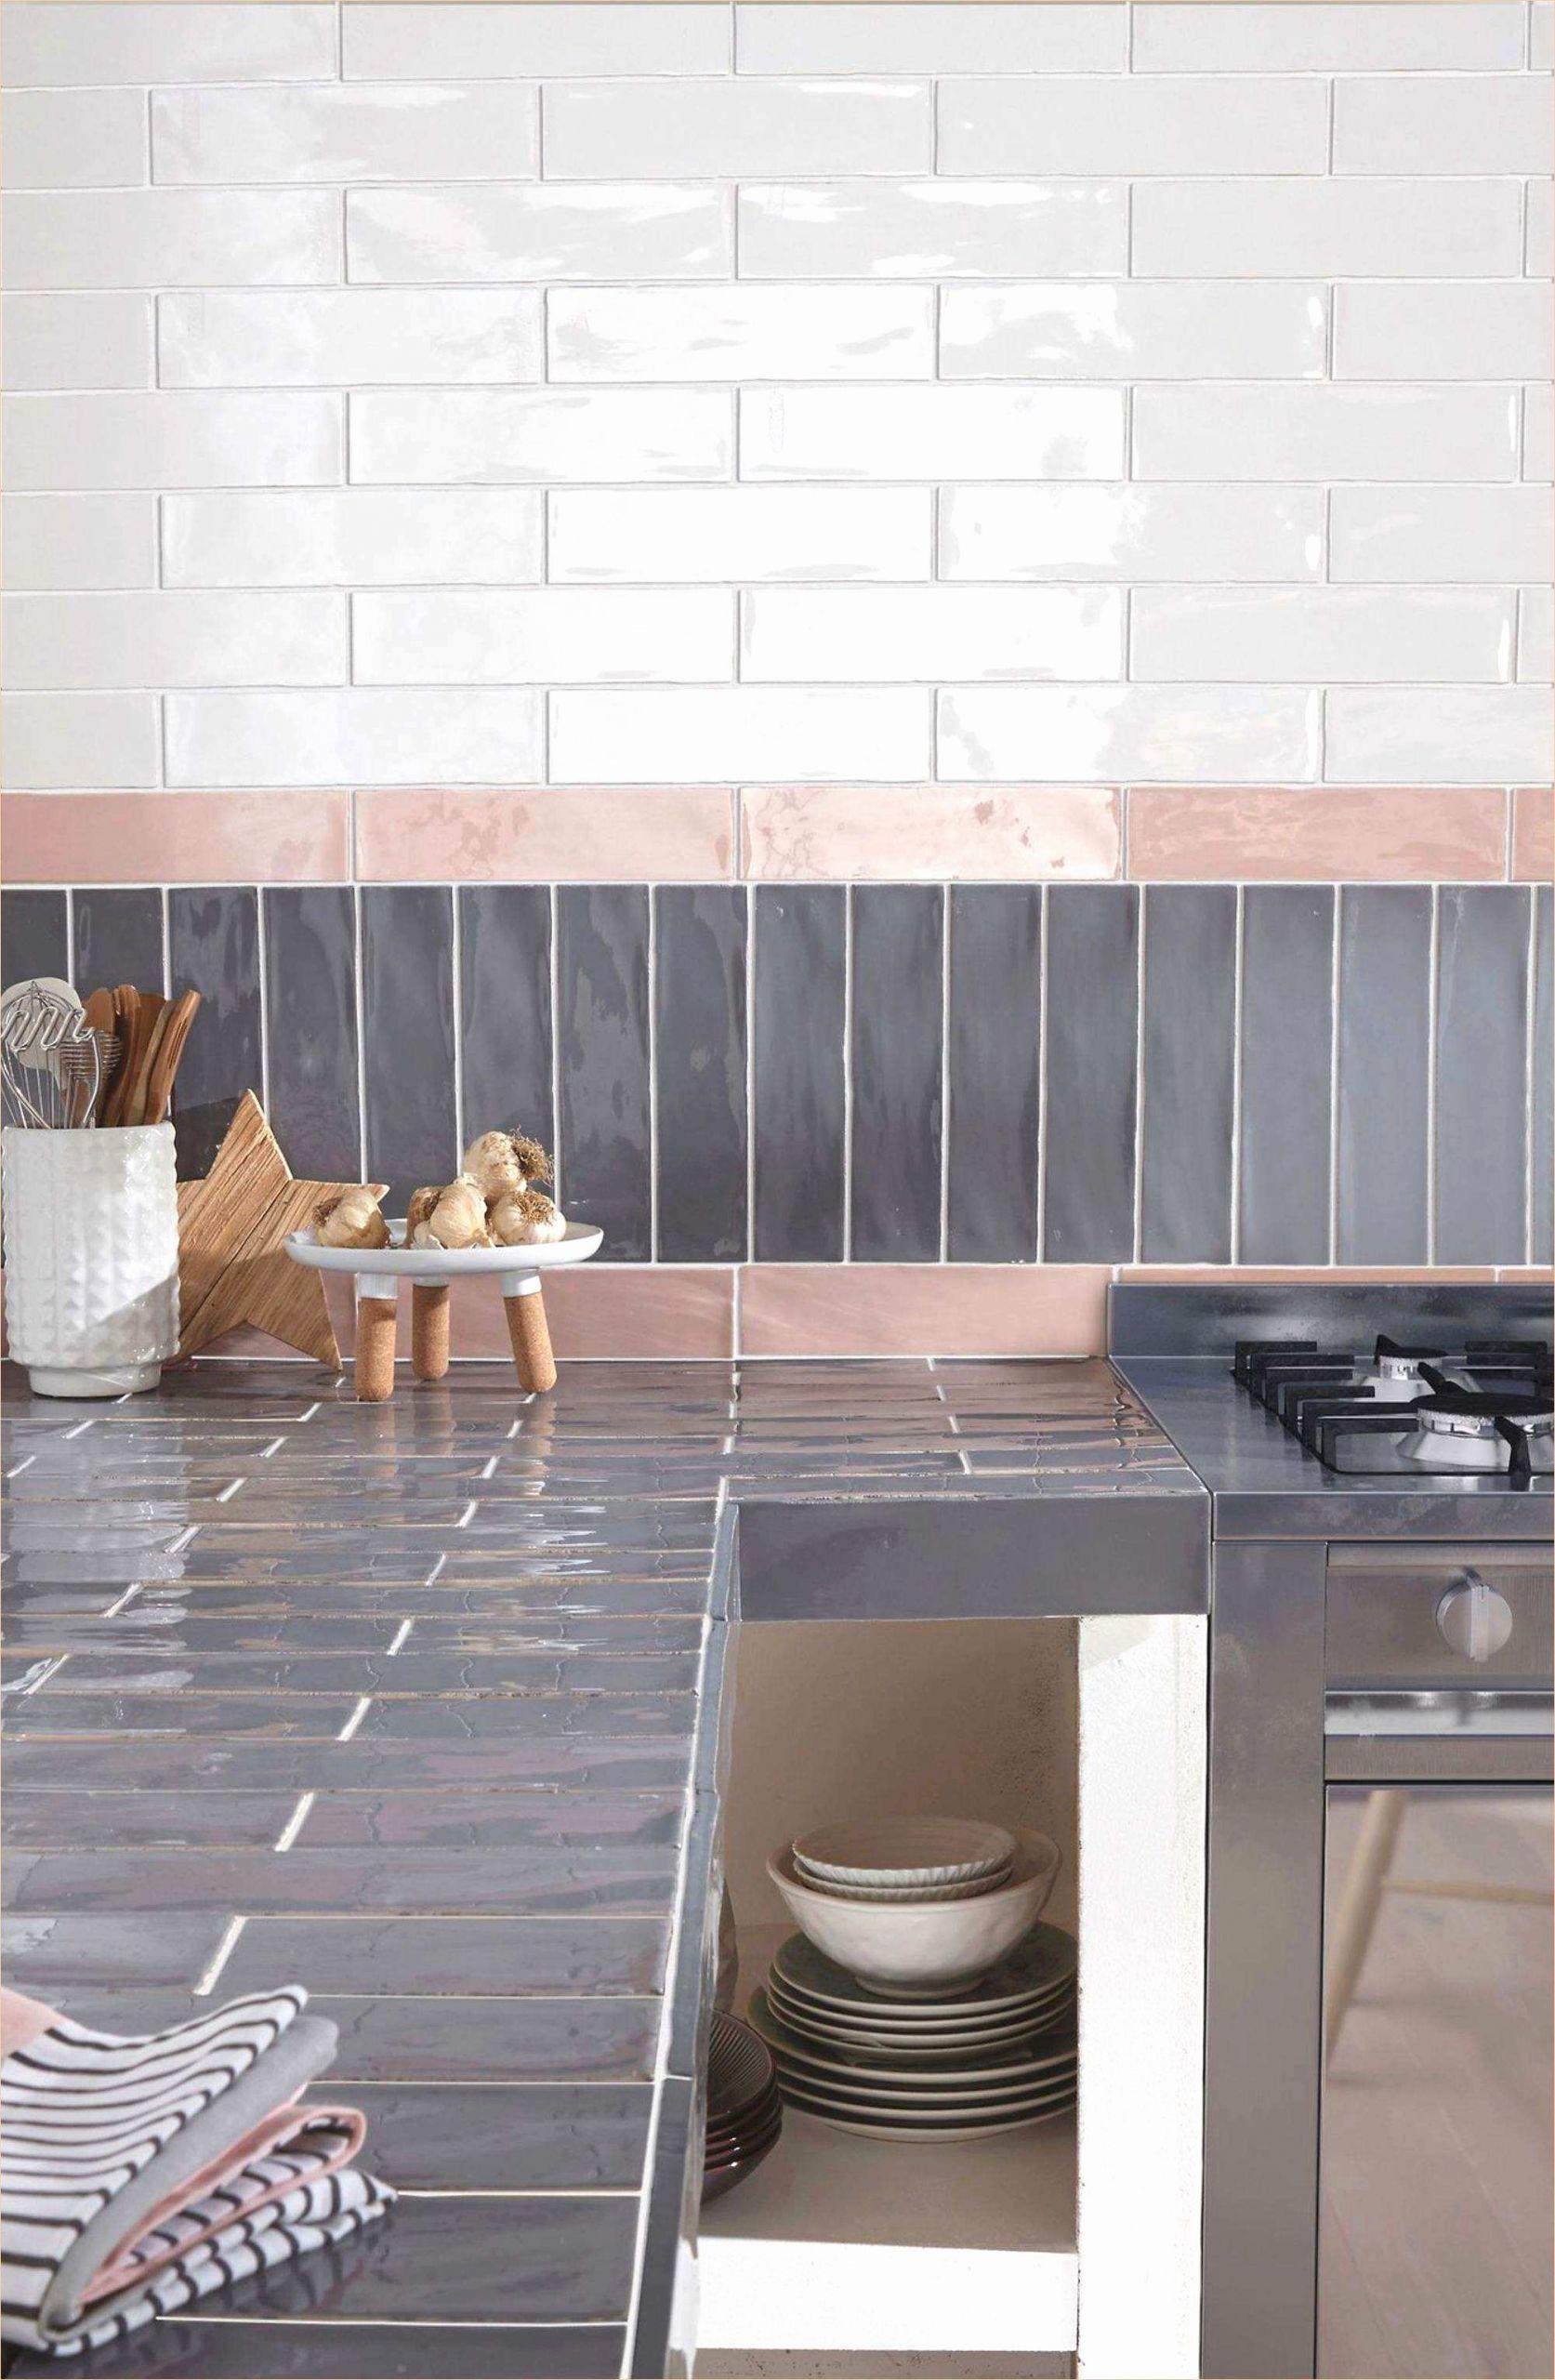 meubles de jardin castorama unique castorama cuisines beau castorama cuisine unique meuble crack 0d of meubles de jardin castorama